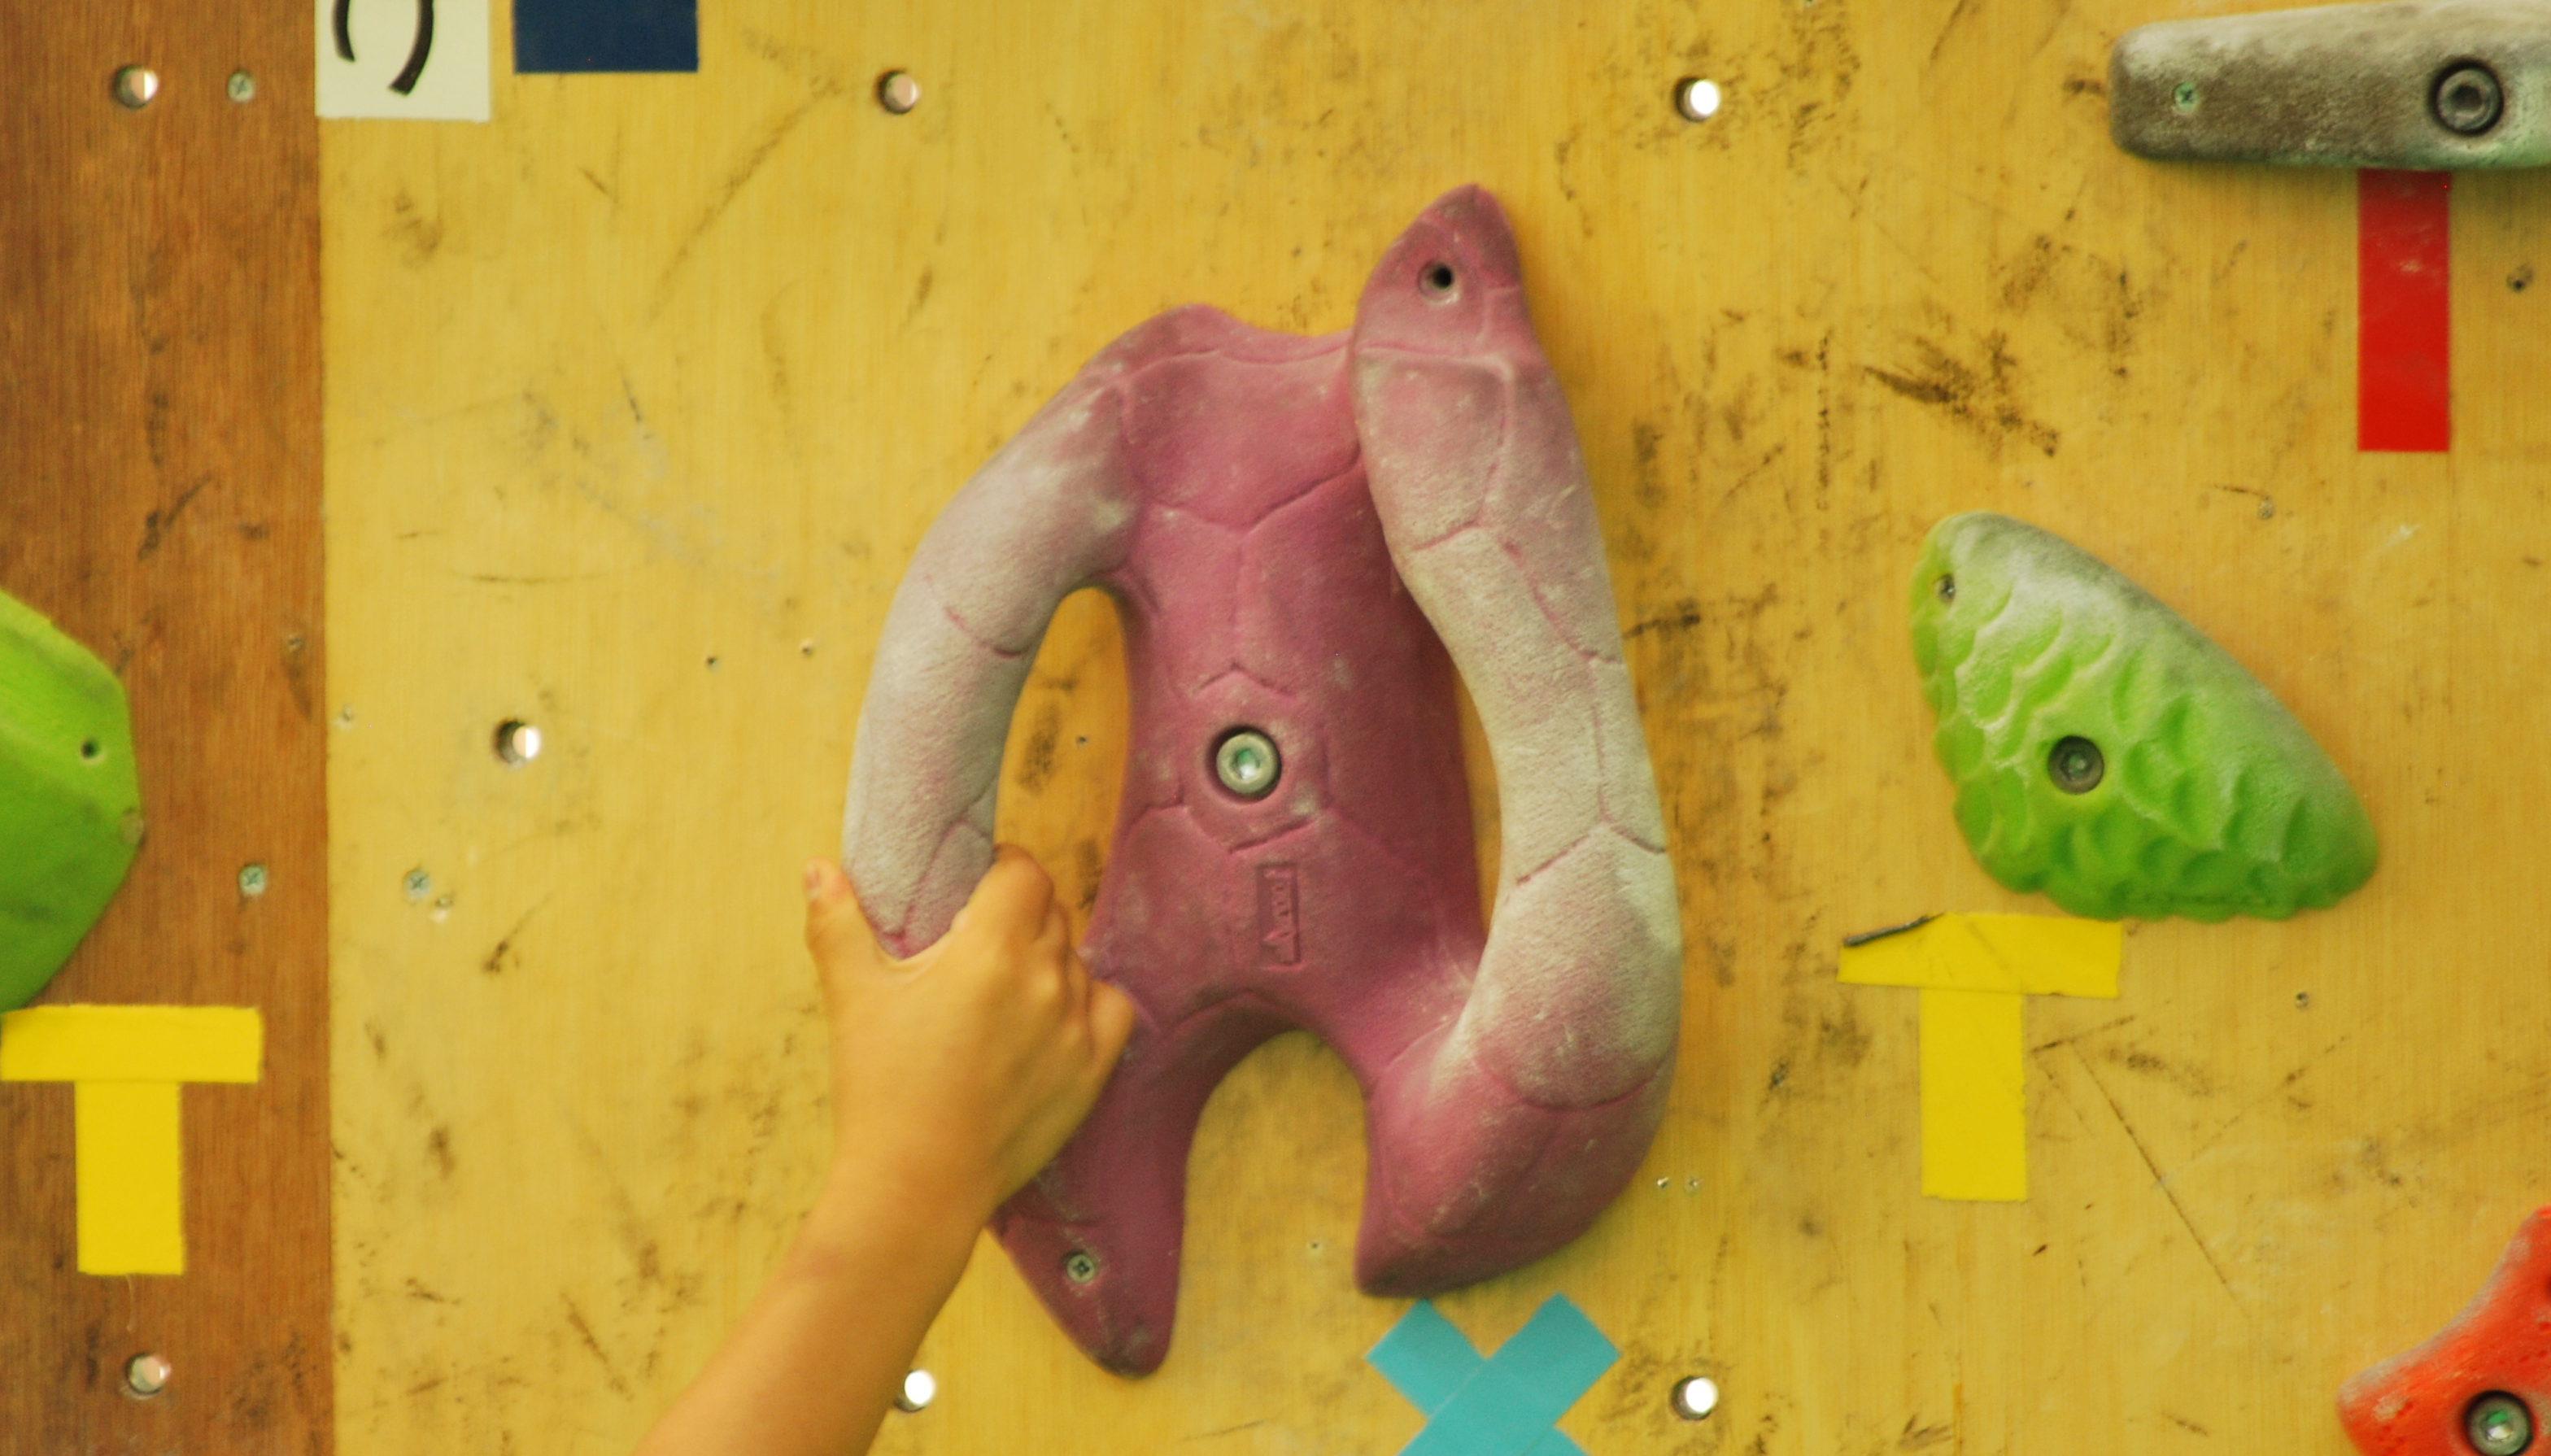 大人の運動だけでなく子どもの習い事に!大垣のボルダリングパーク「ひょうたん島」 - DSC 1102 e1561604513286